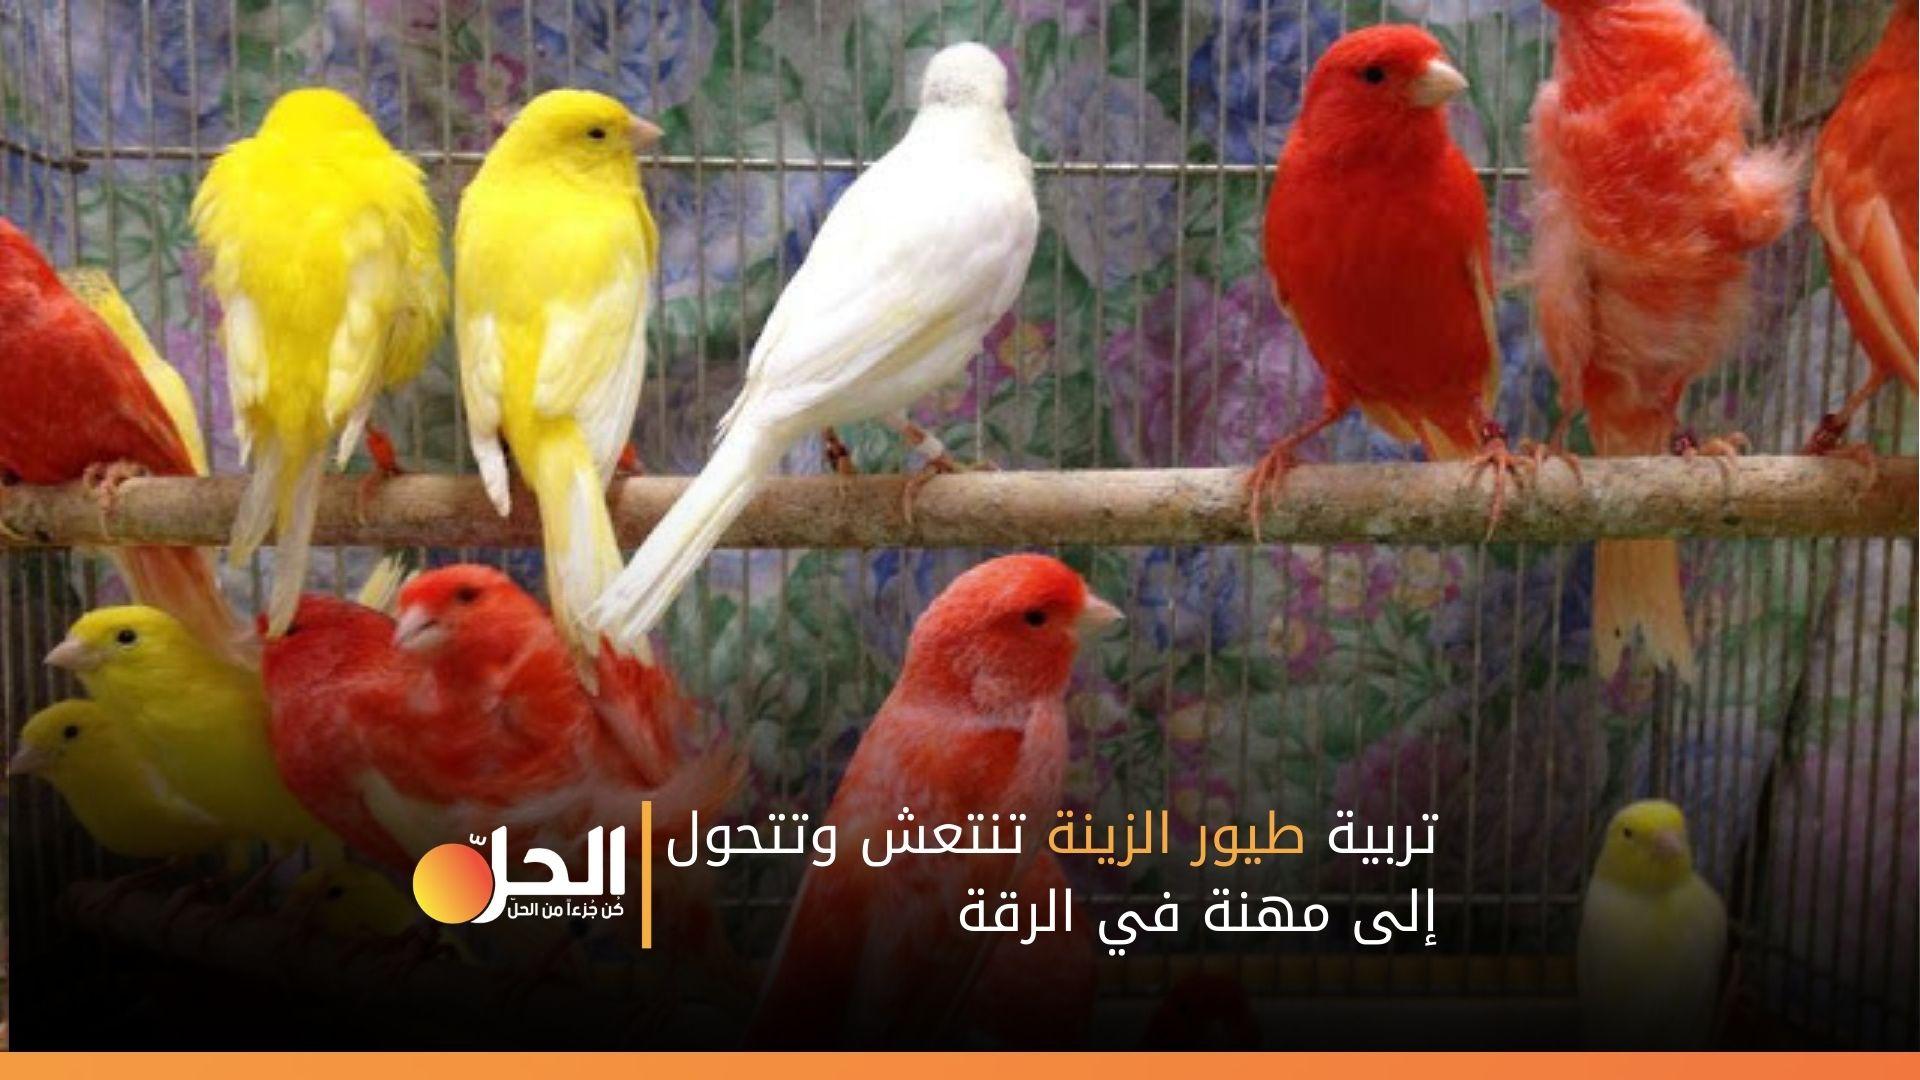 تربية طيور الزينة تنتعش وتتحول إلى مهنة في الرقة